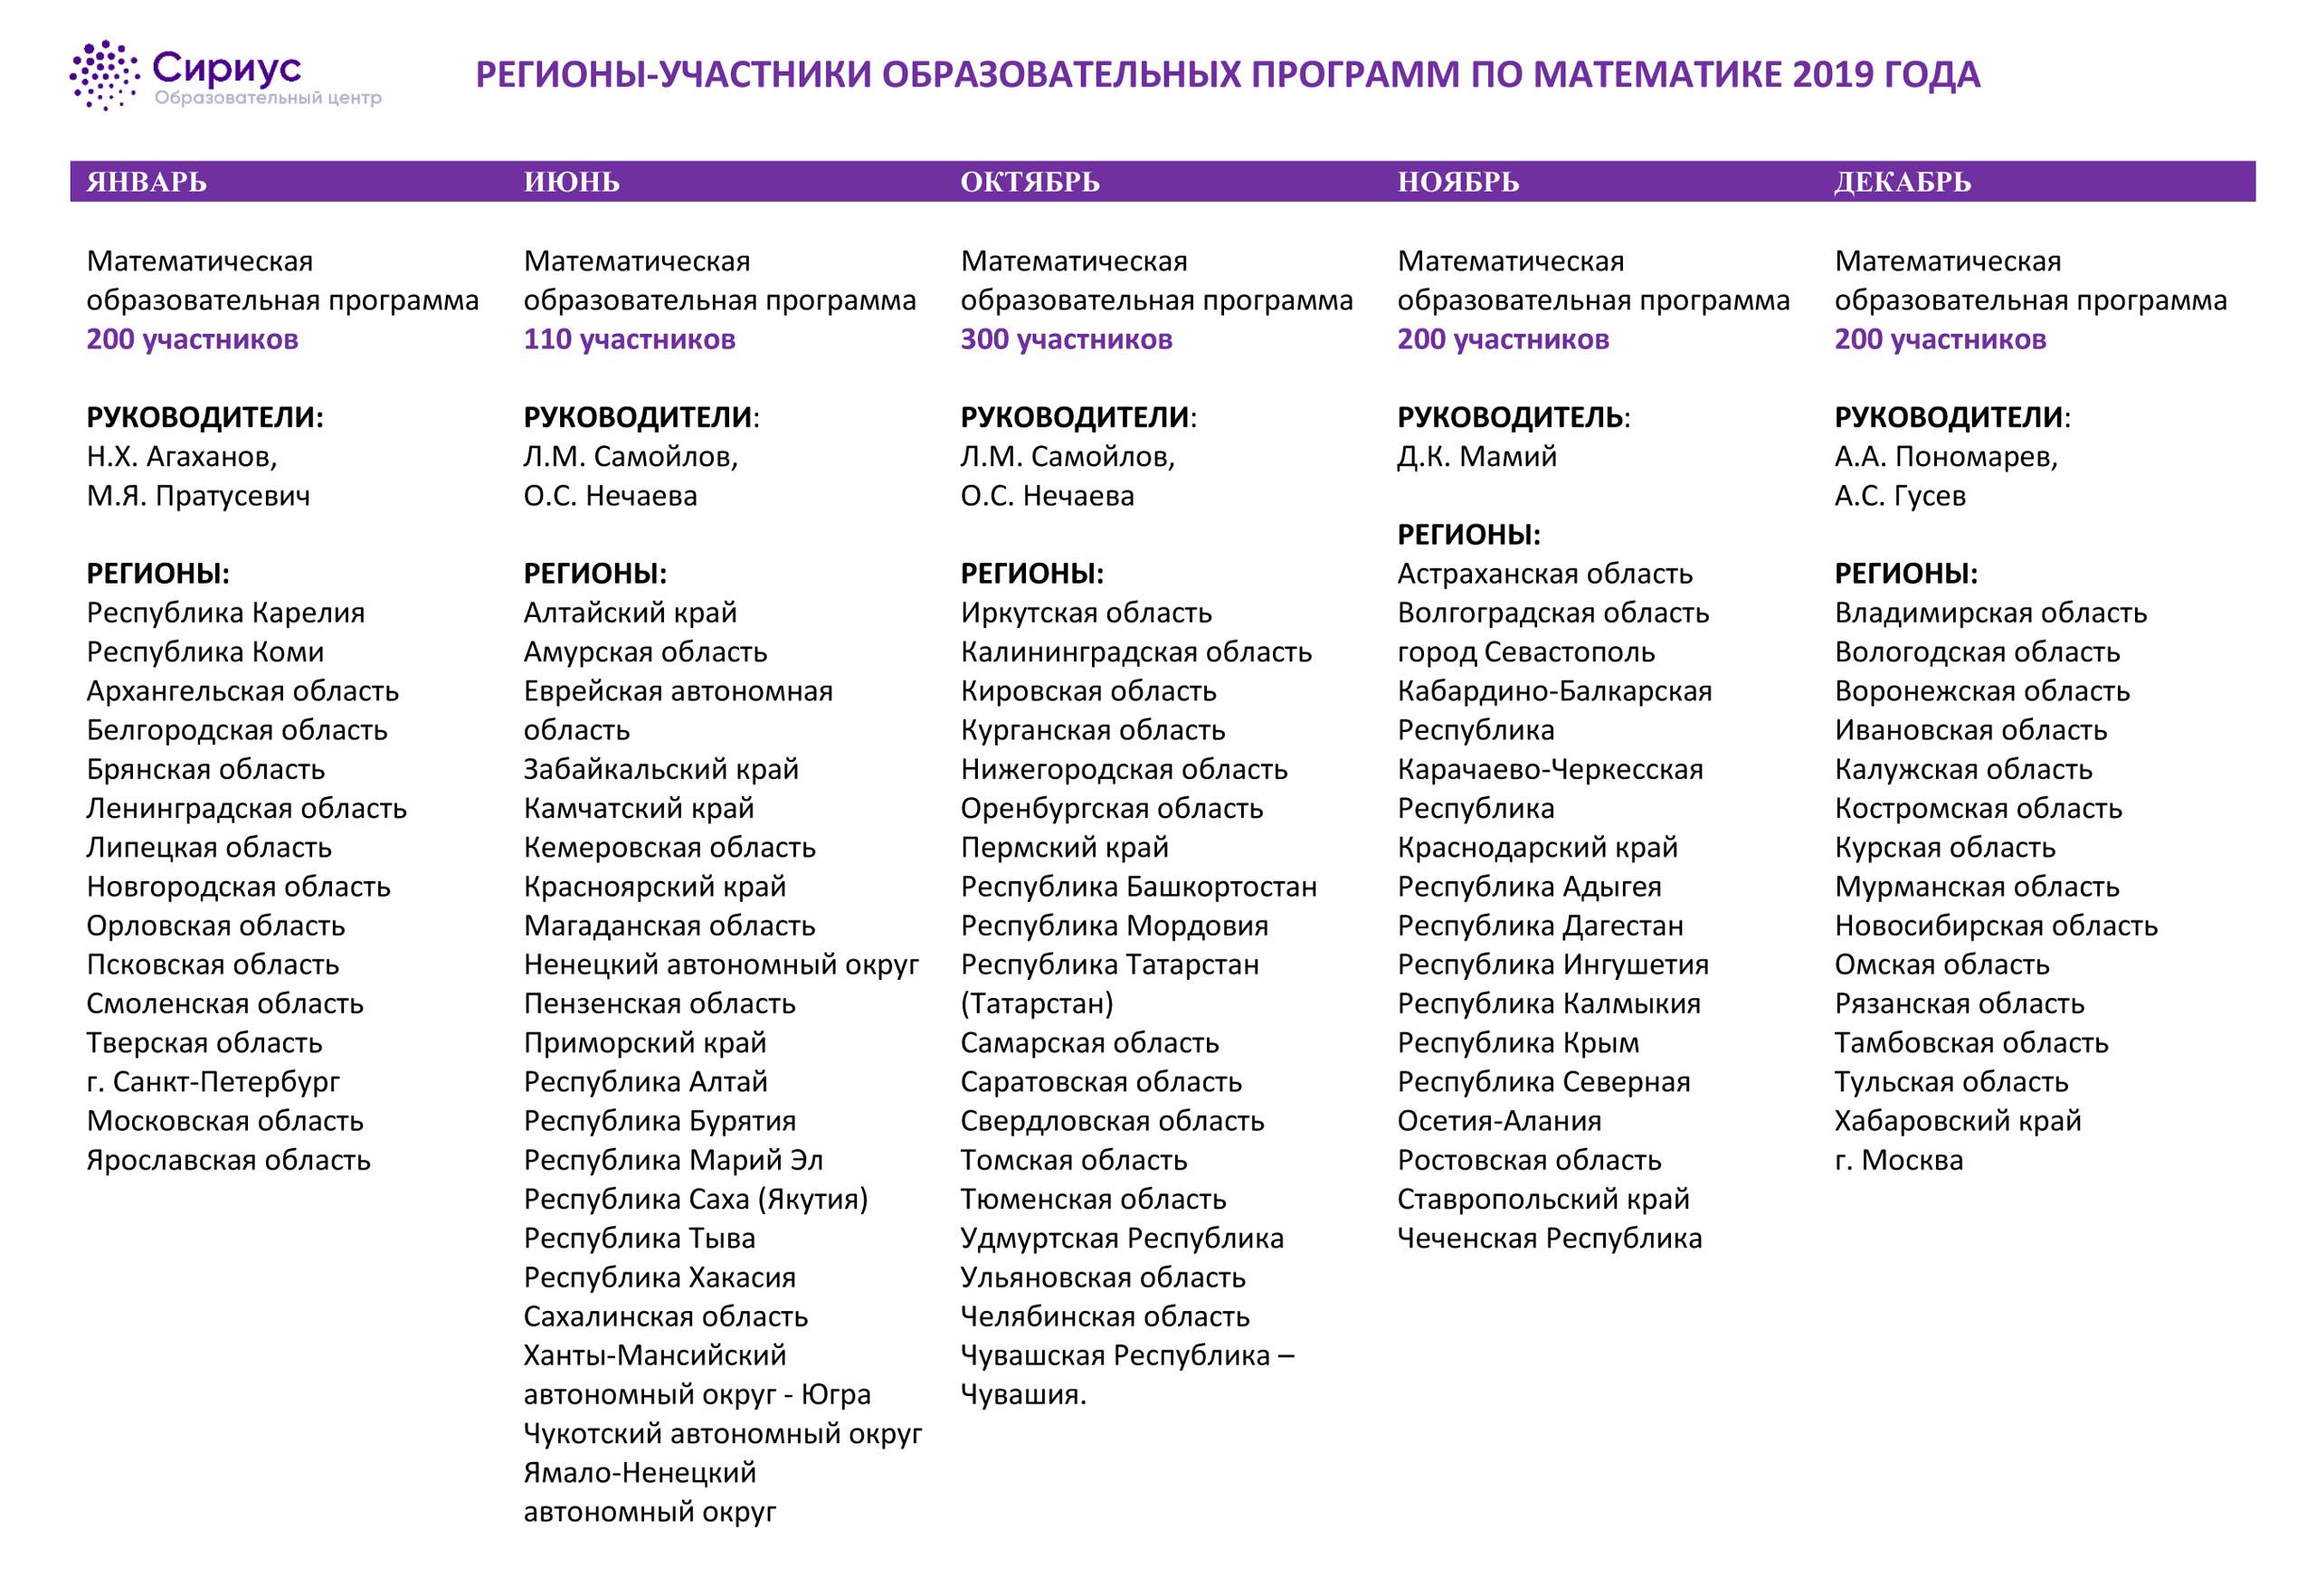 Календарь математических смен на 2019 год